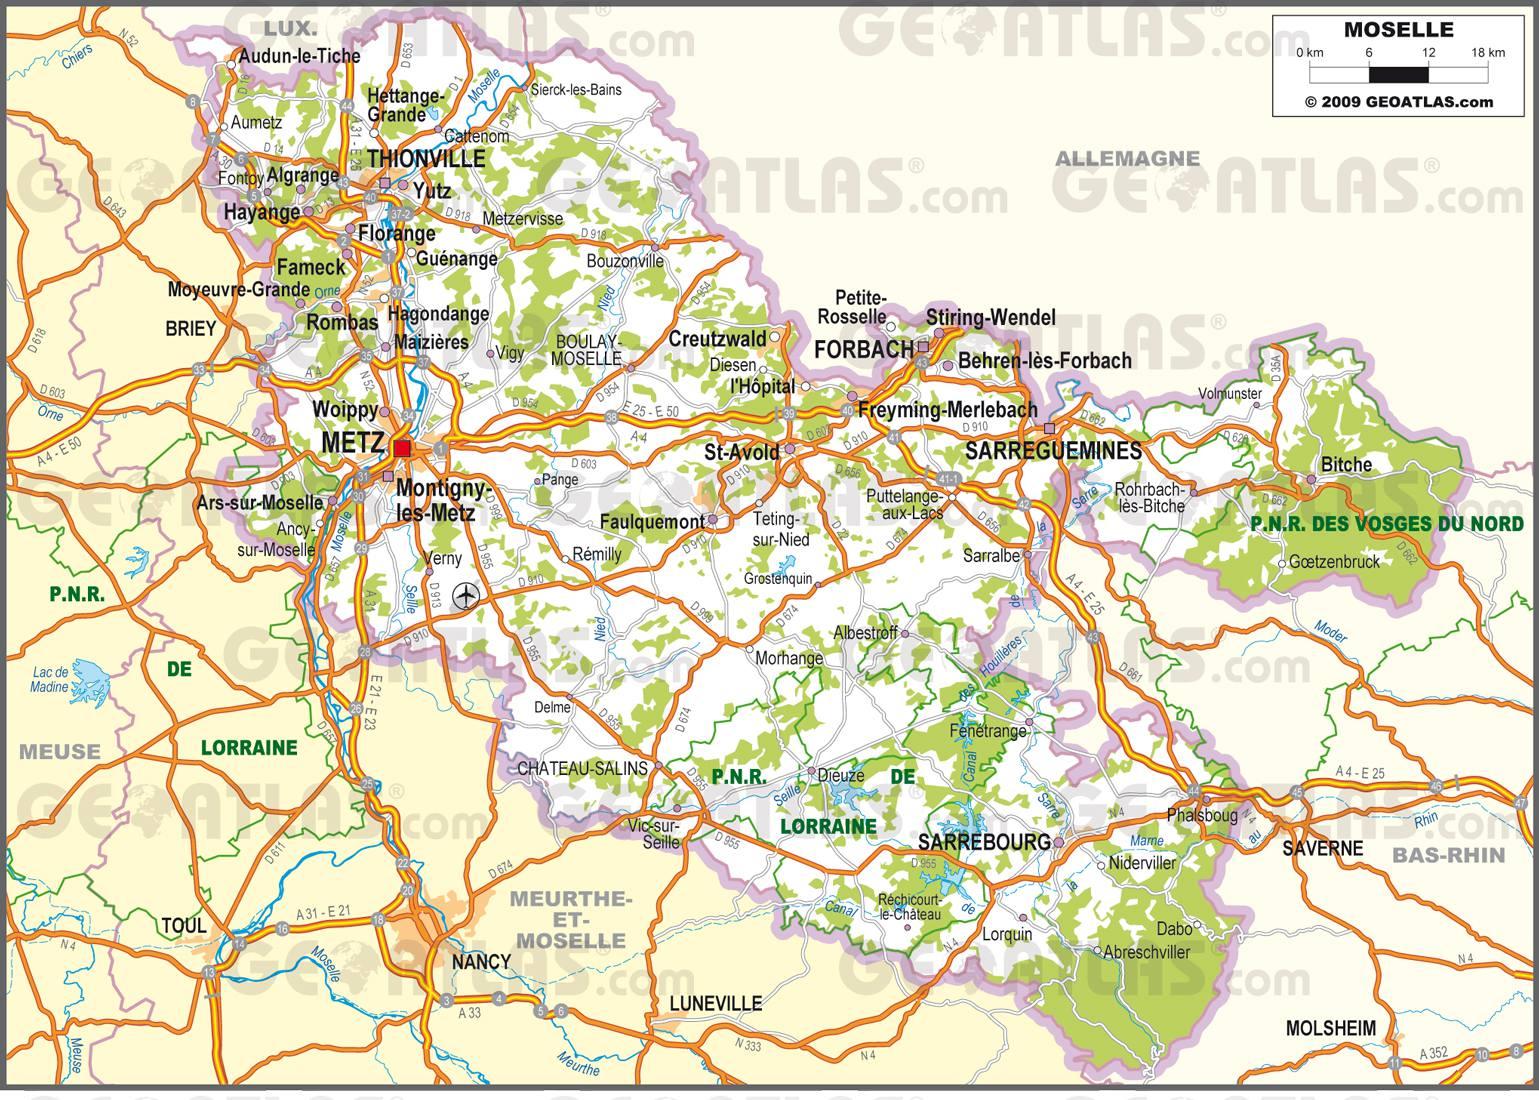 Carte routière de la Moselle